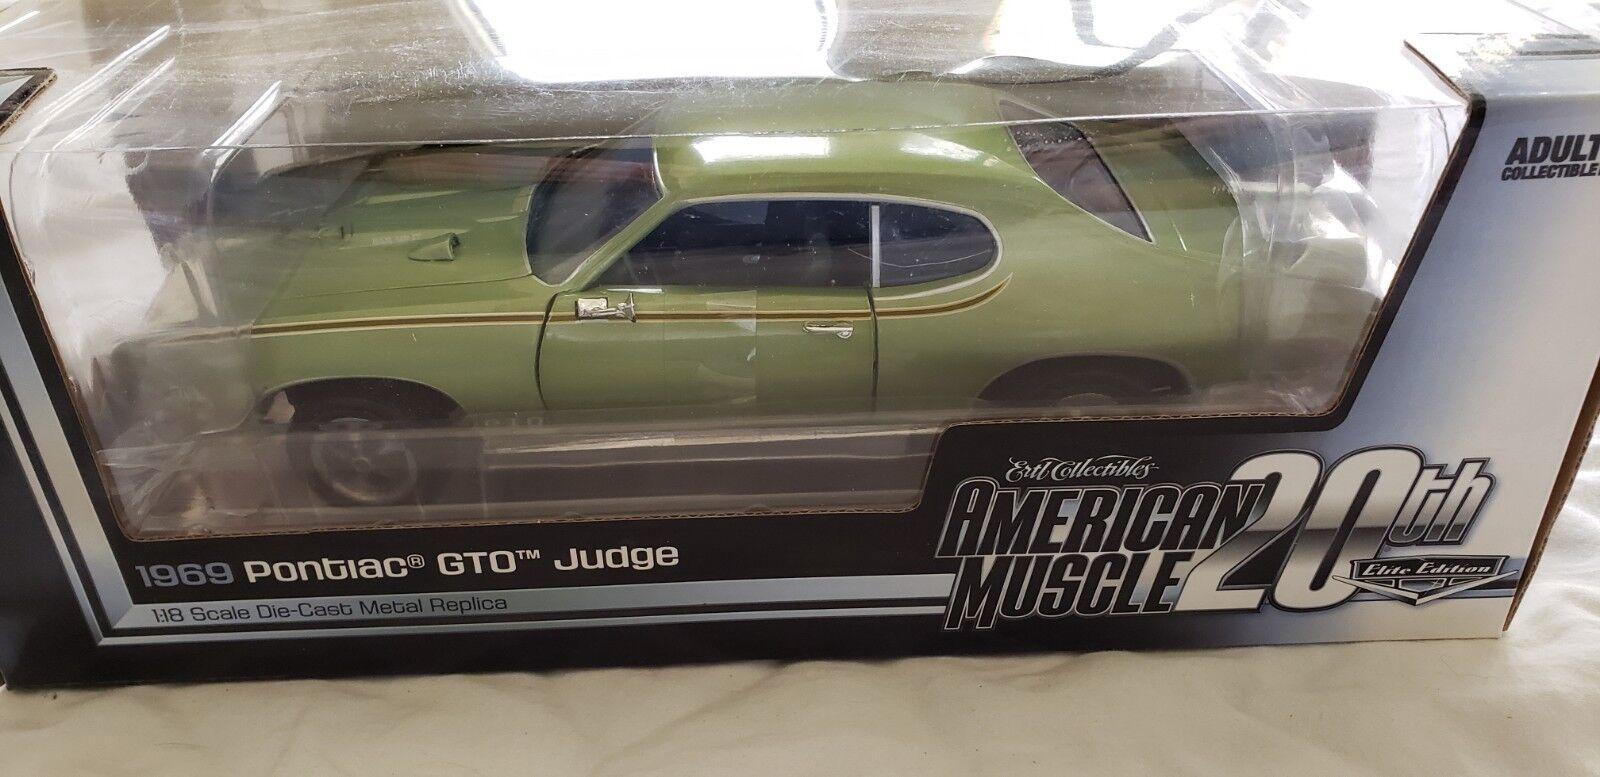 1969 pontiac gto richter grüne amerikanische muskeln 20. jahrestag von autoworld 1   18.